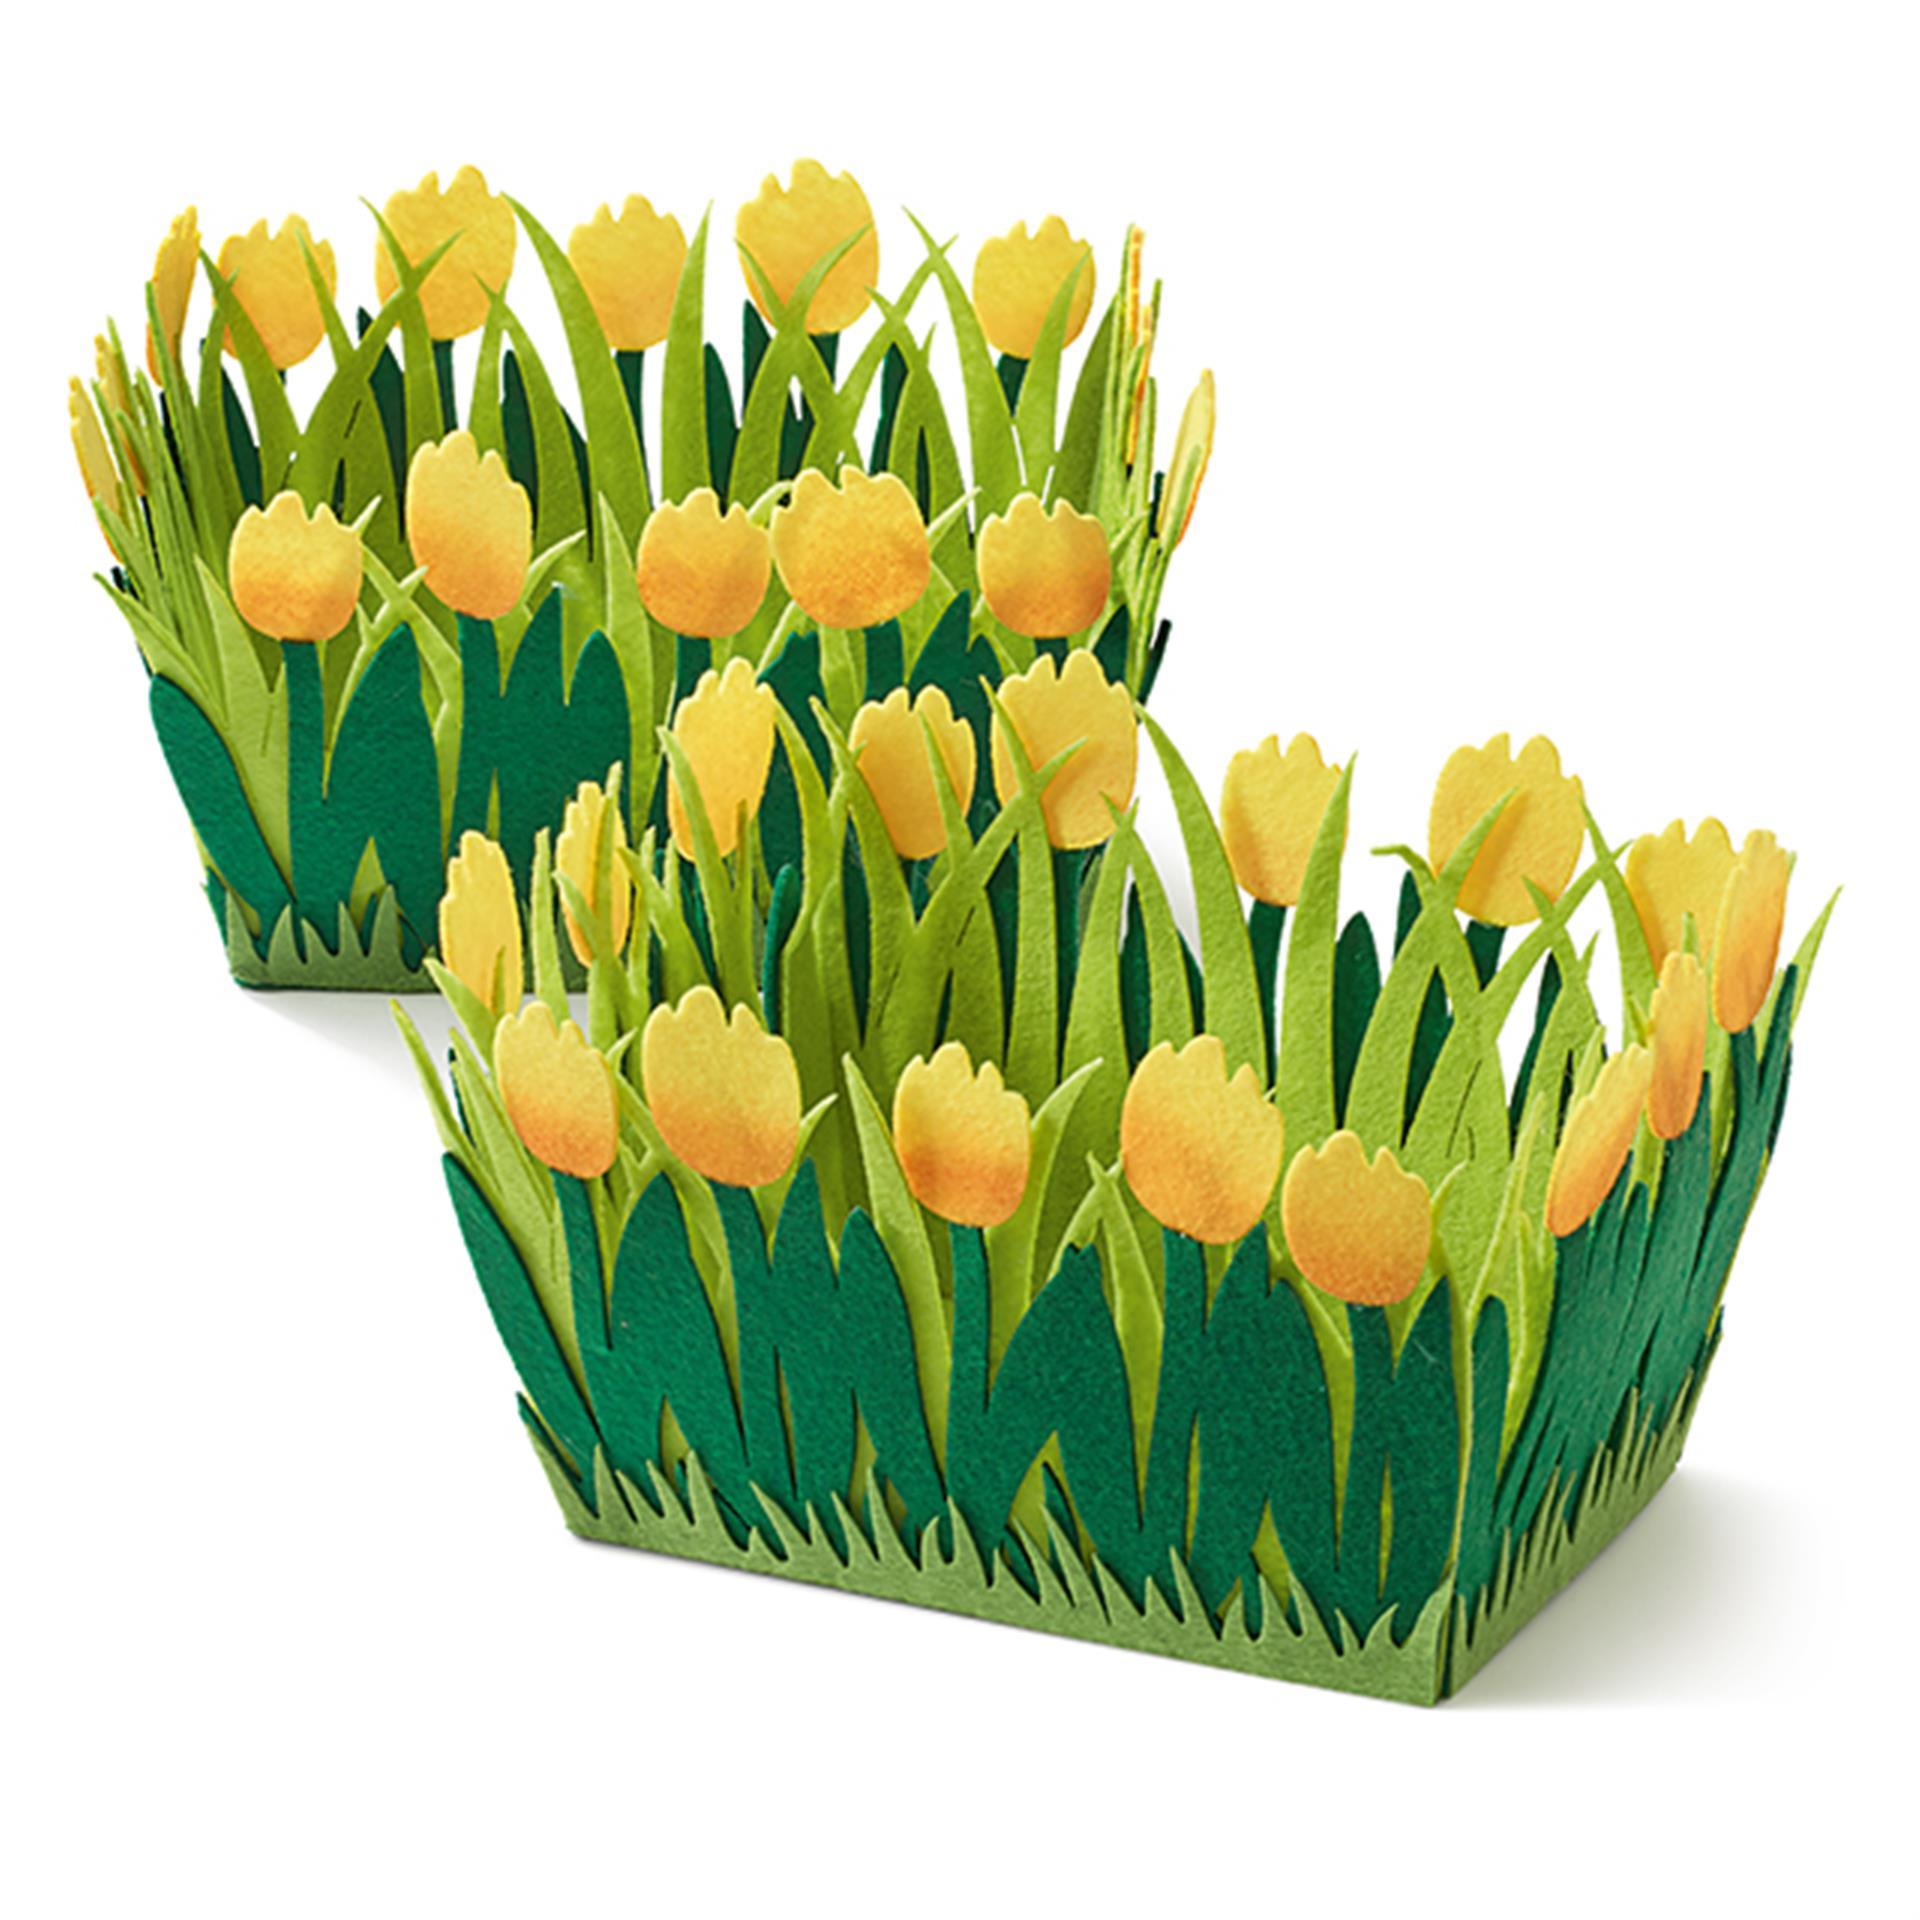 Filzkörbchen Tulpen 2 Stk.